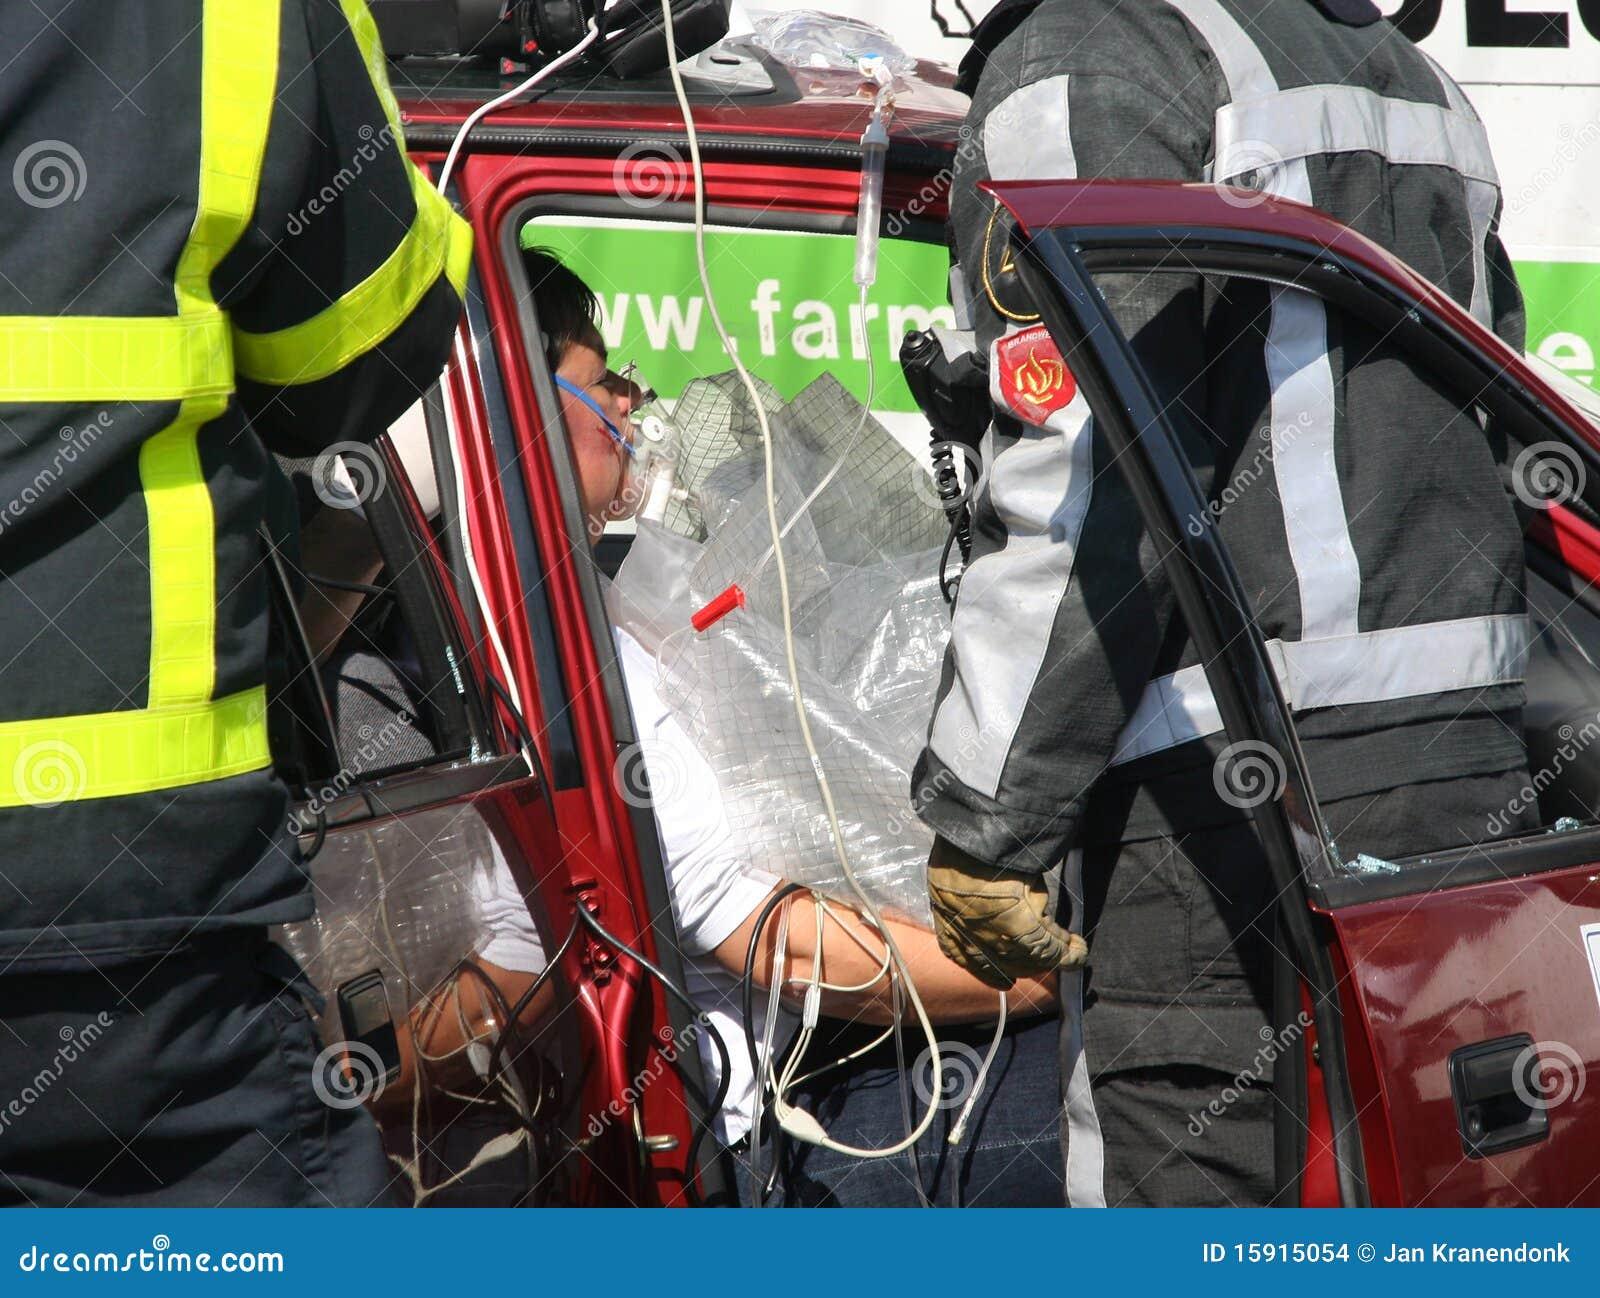 Photos of Car Crash Victim Nikki Catsouras Car Crash Photos Graphic